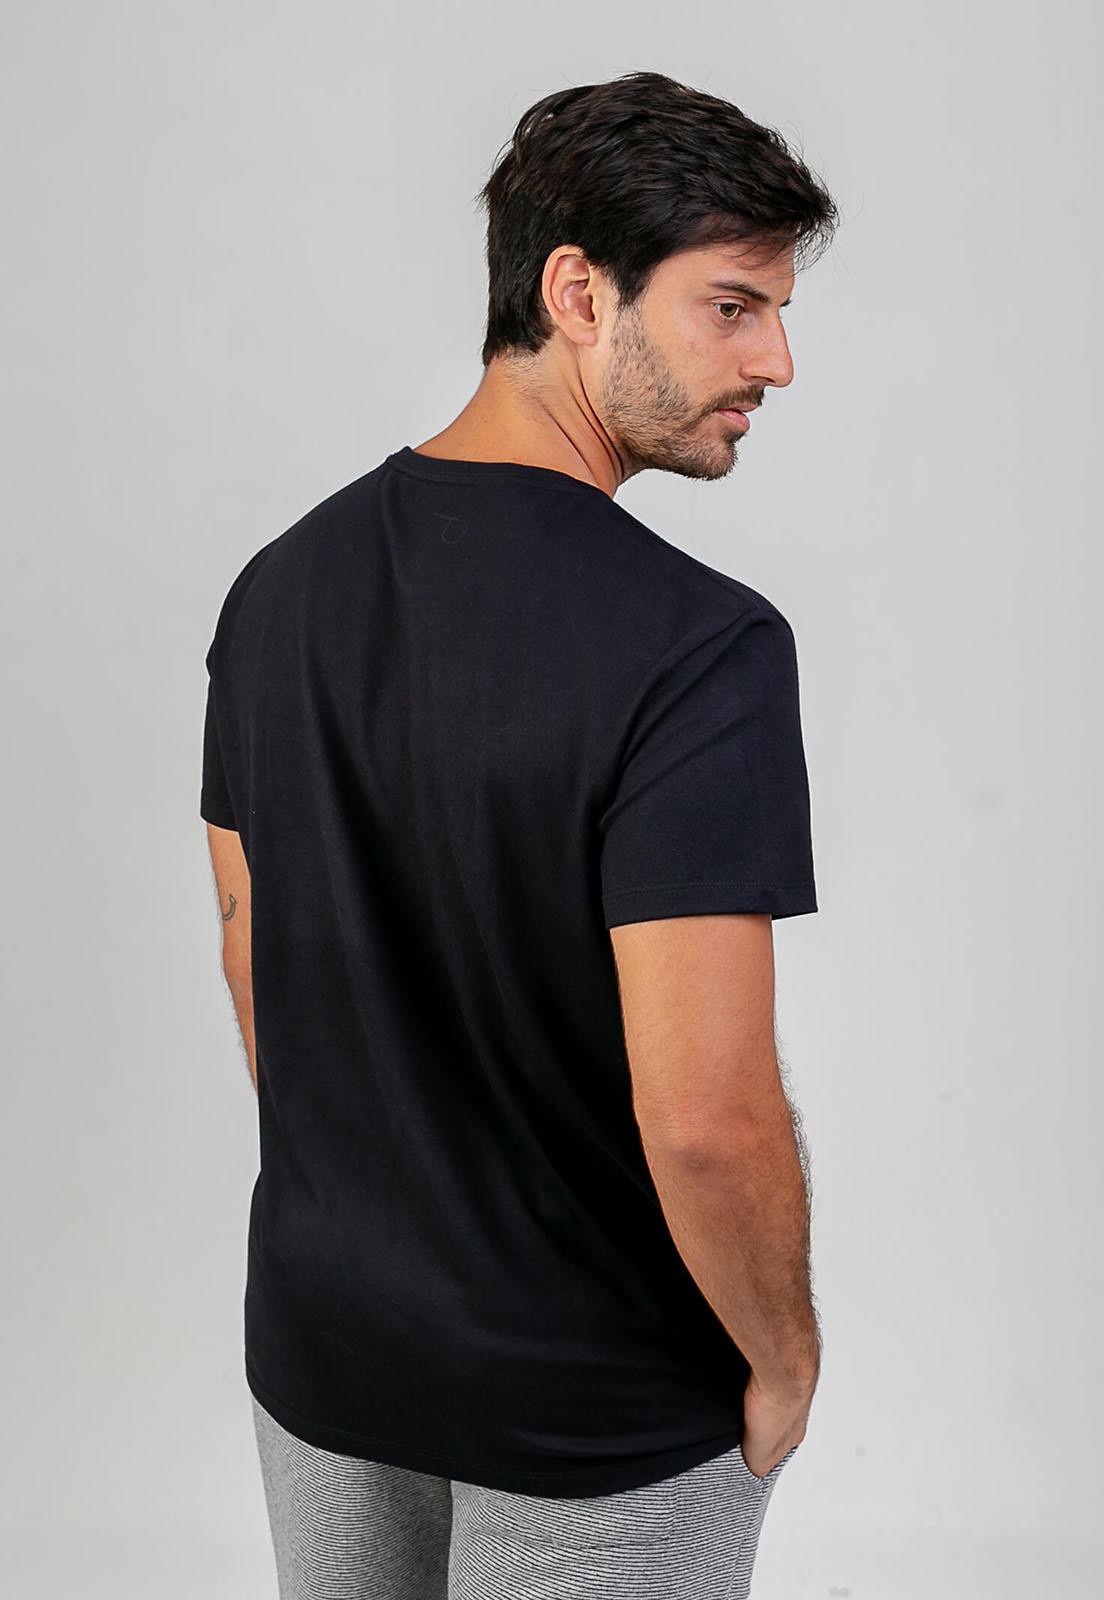 T-Shirt Embrace the Lightness Preto melty  - melty surf & Co.